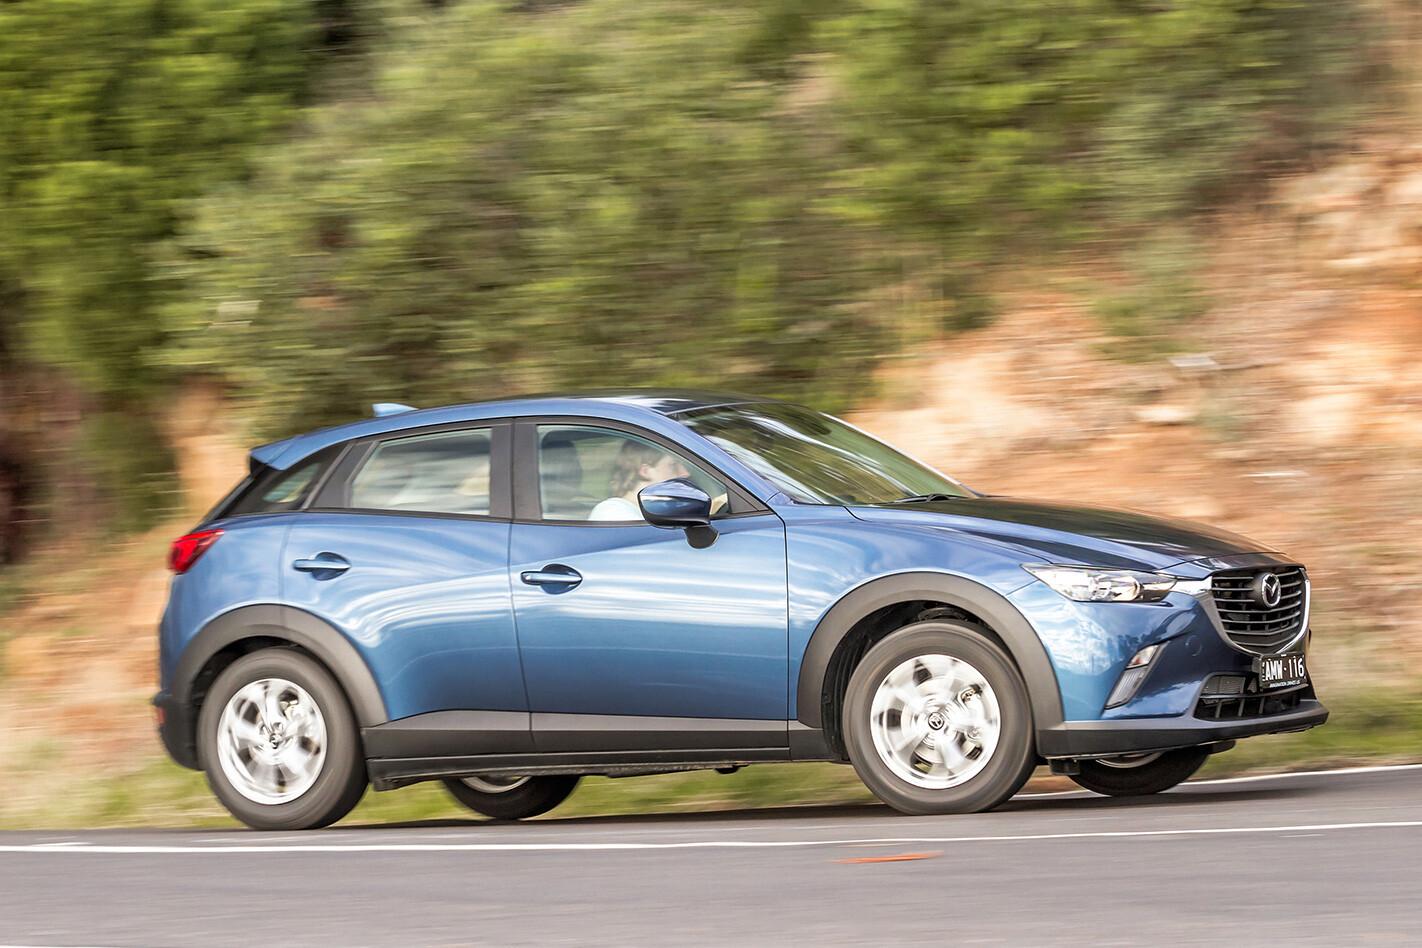 Mazda Cx 3 Maxx Jpg